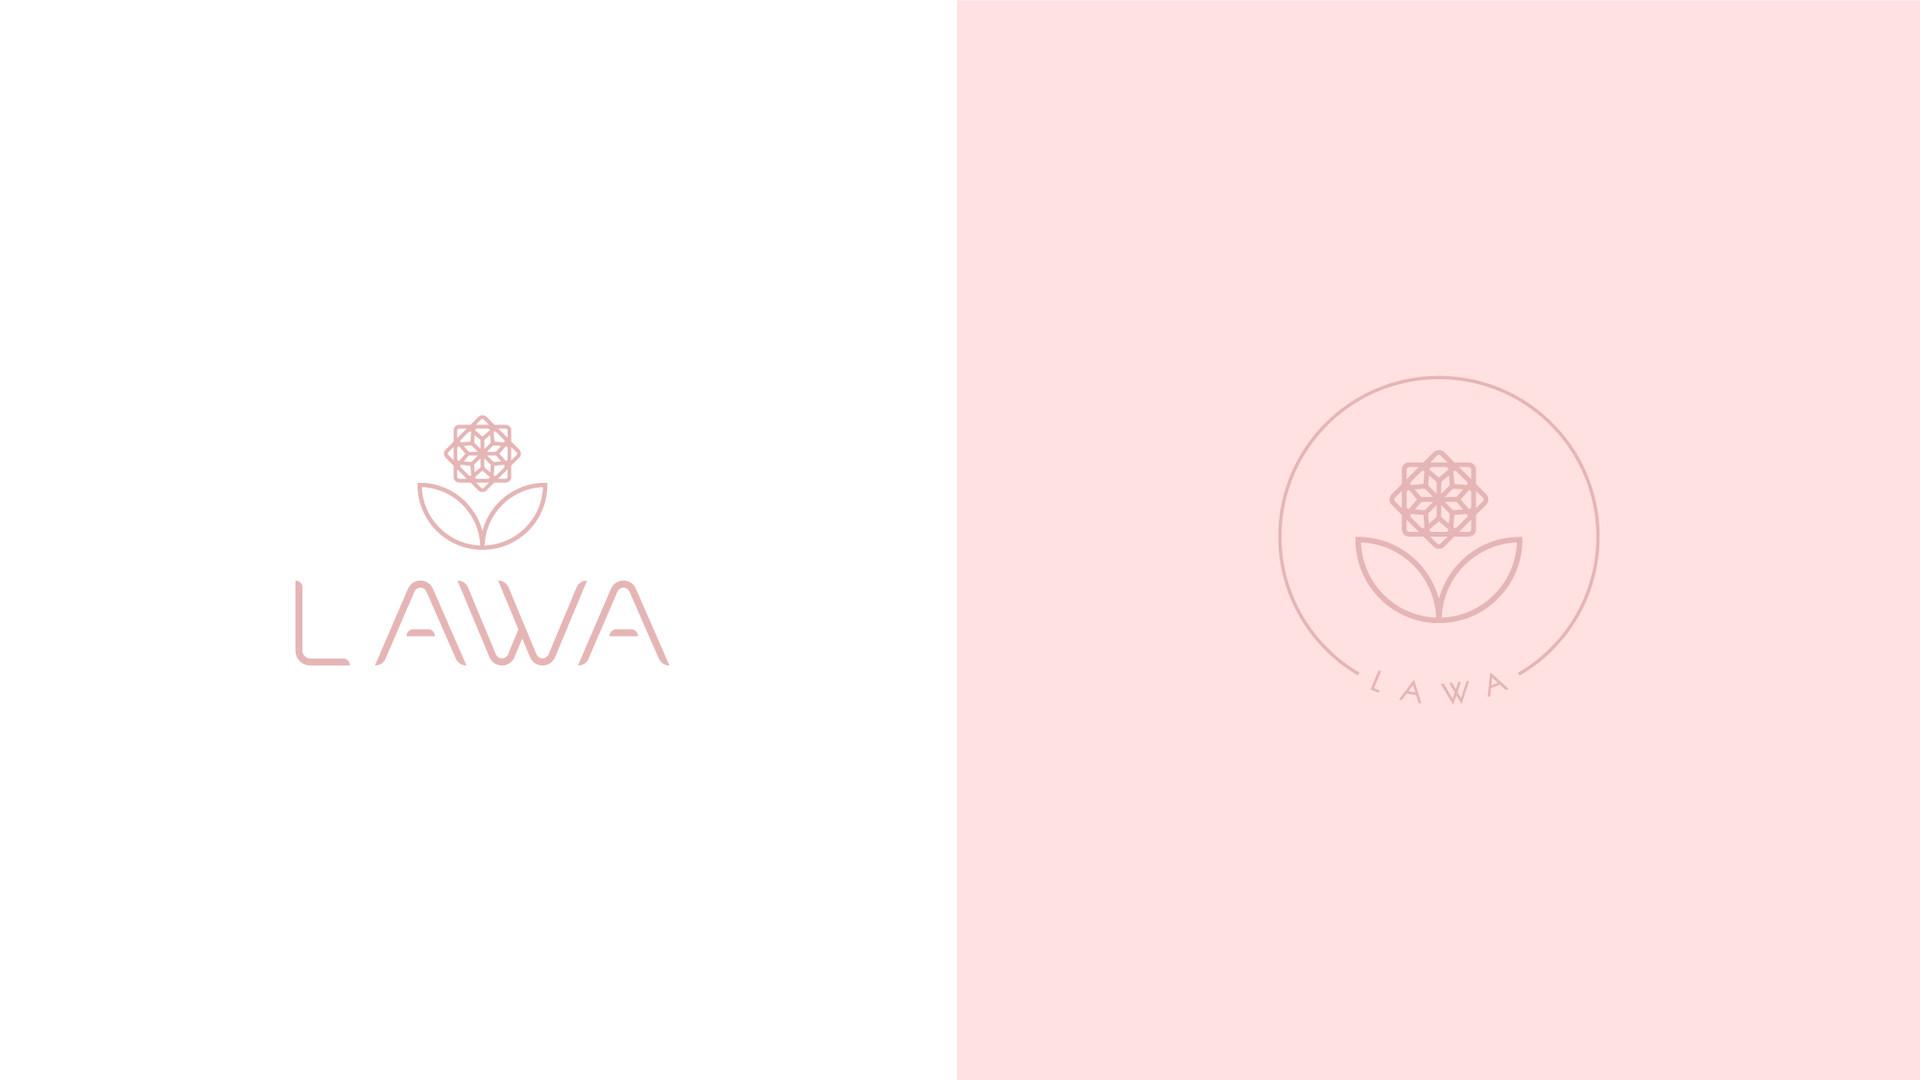 apresentação-identidade-visual-lawa-7.jp